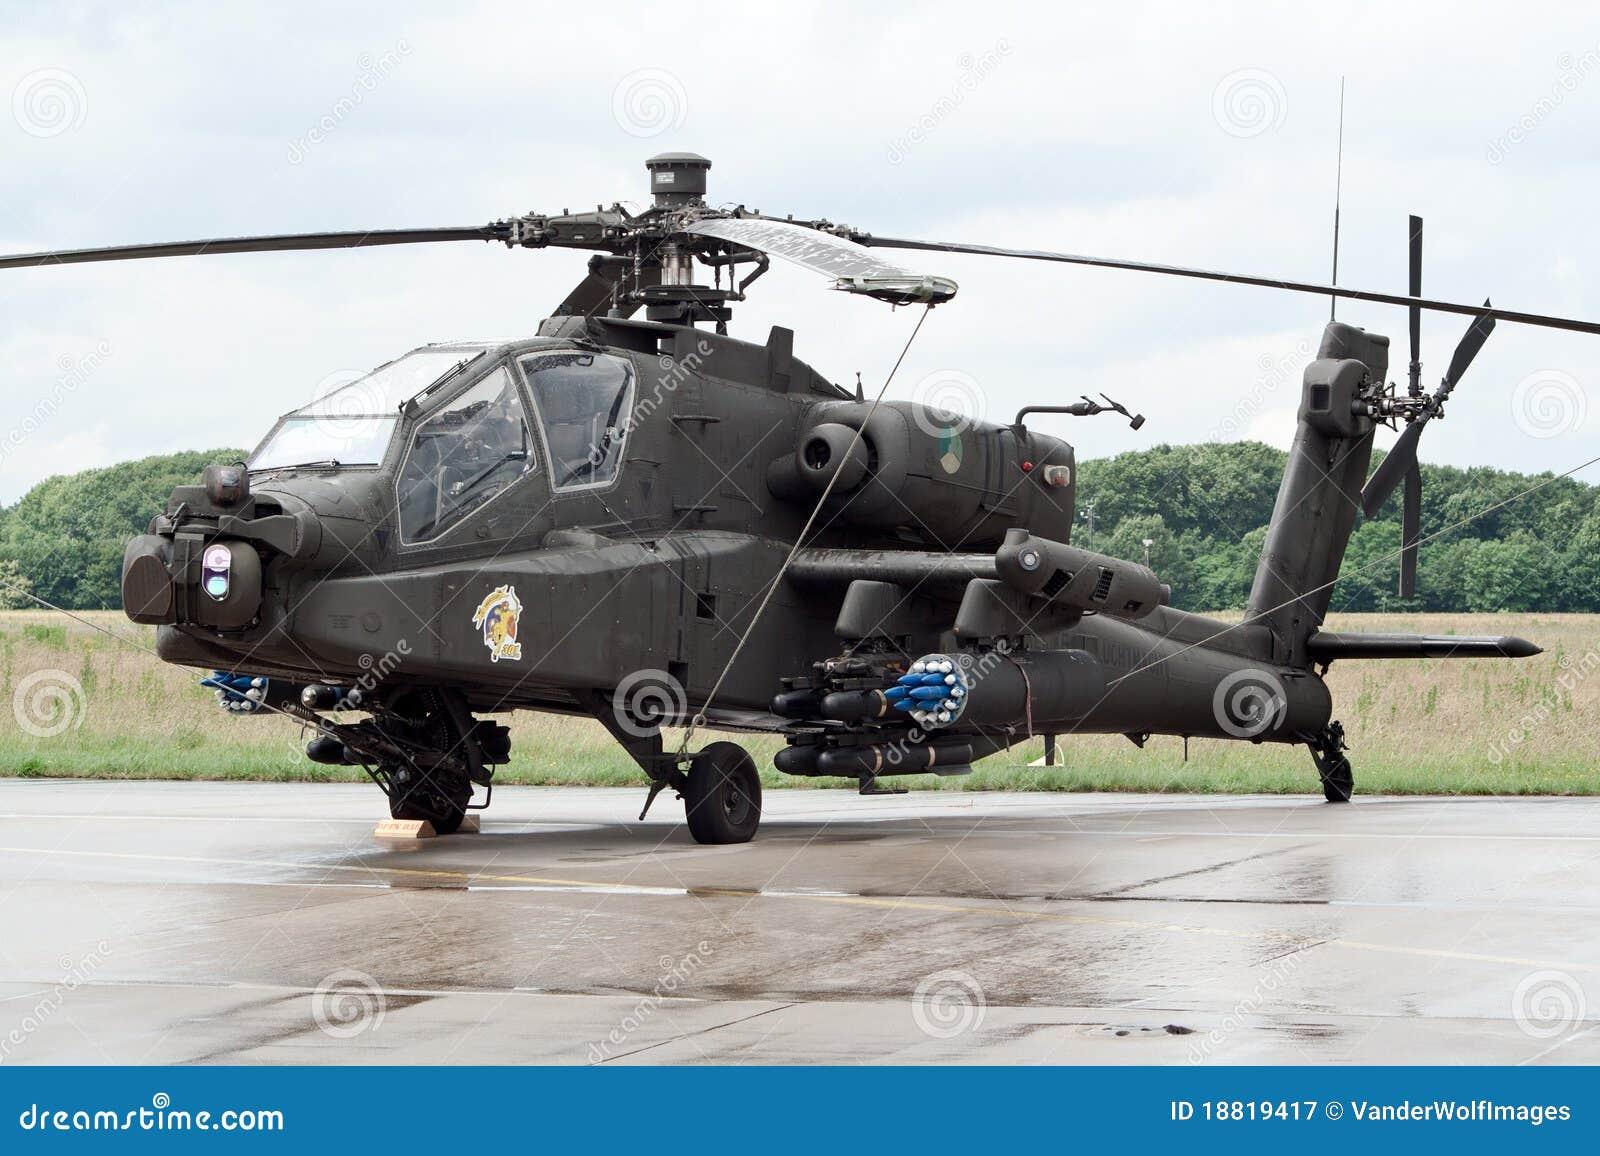 Soldier Force 9 Elicottero : Hélicoptère de combat d apache photographie éditorial